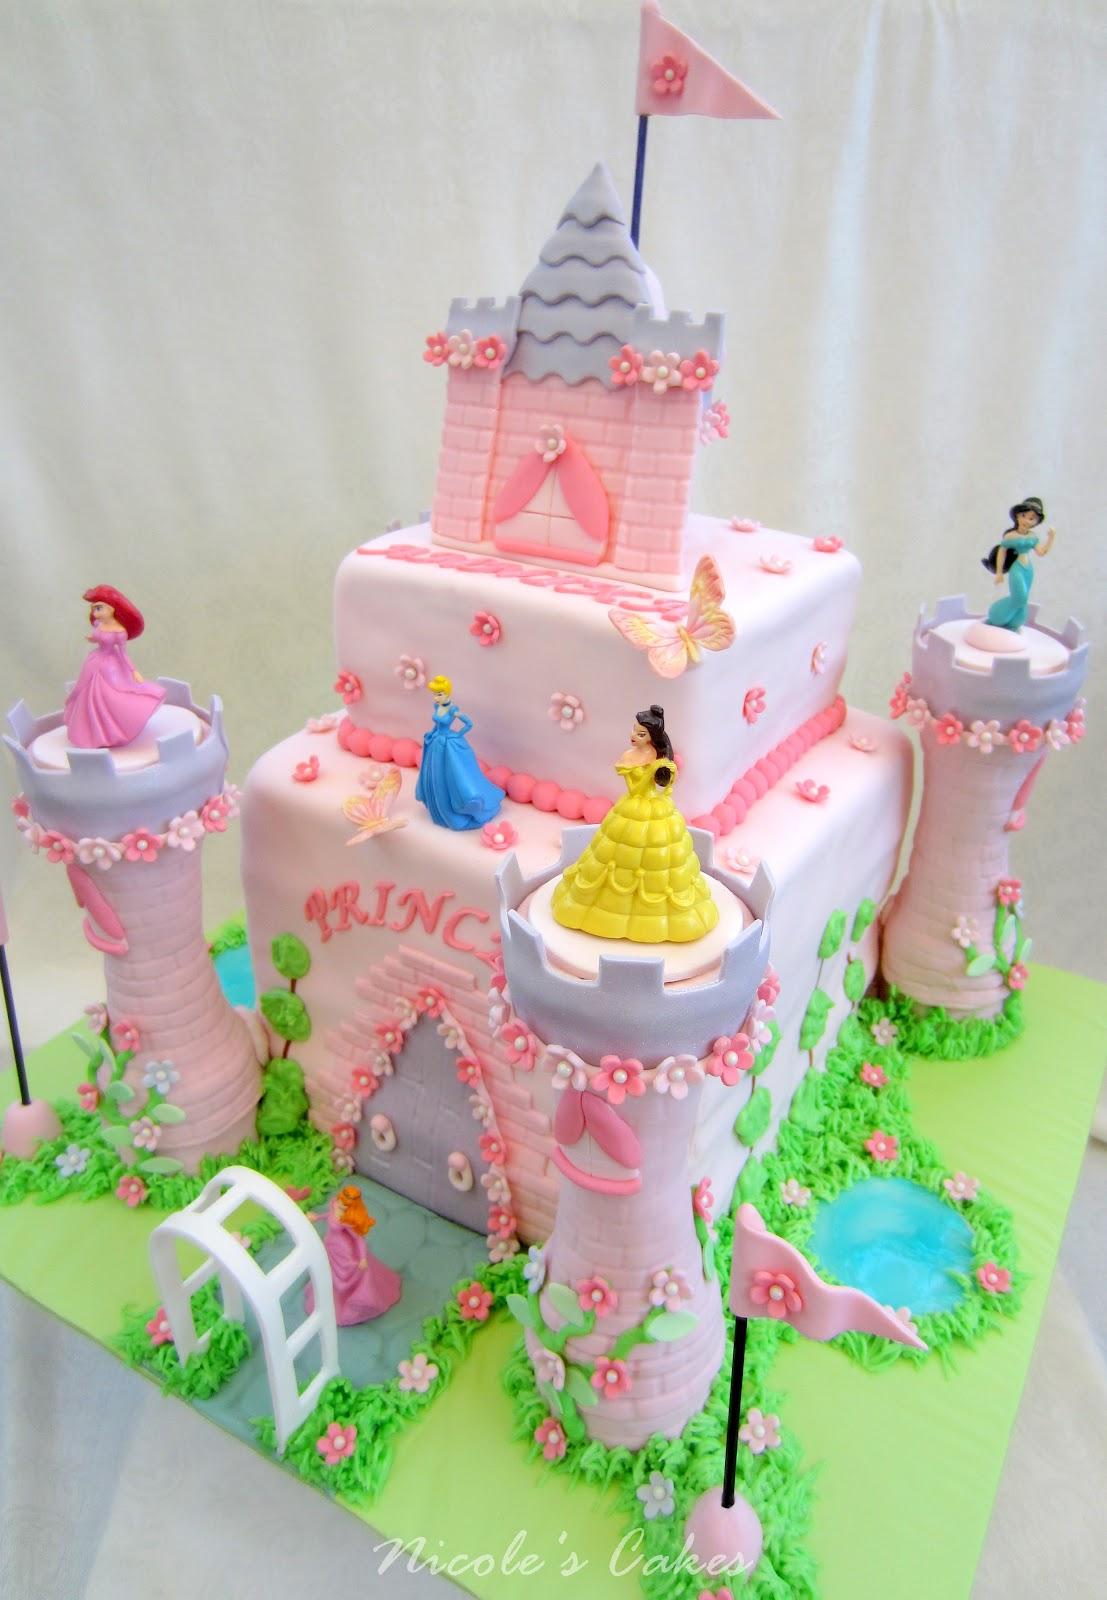 On Birthday Cakes Princess Castle Cake